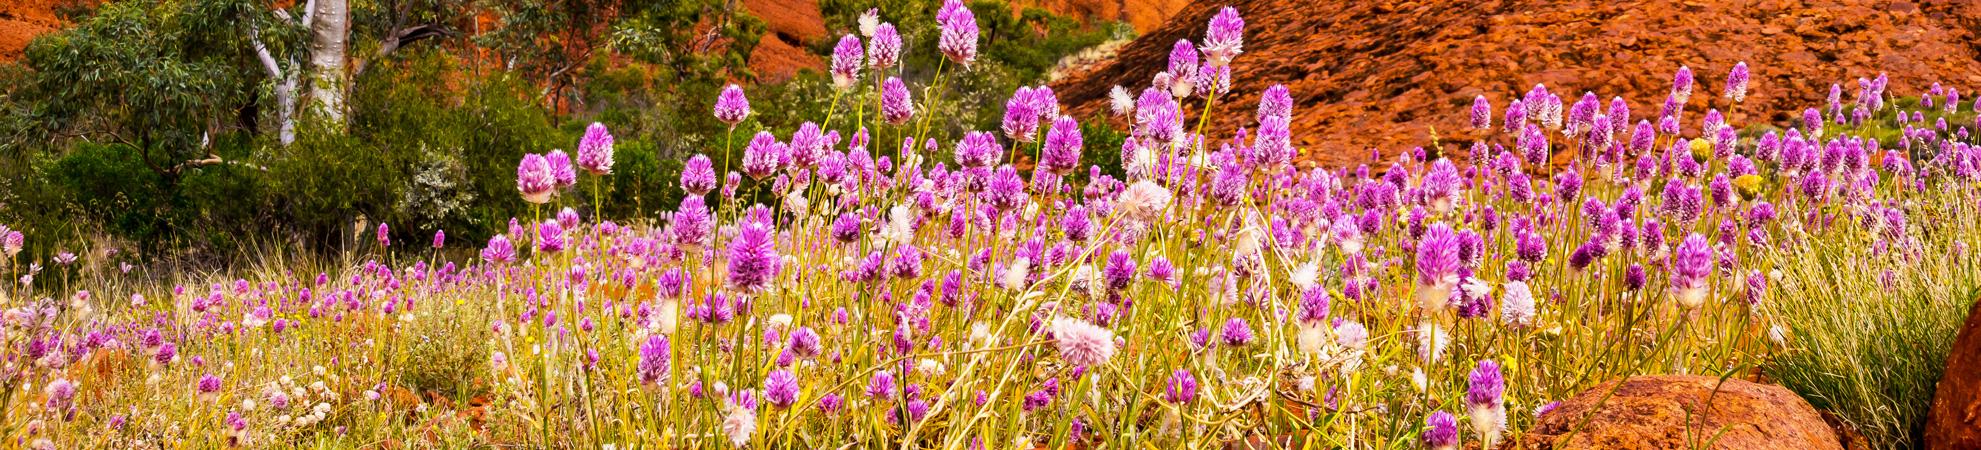 Faune et flore de l'Australie